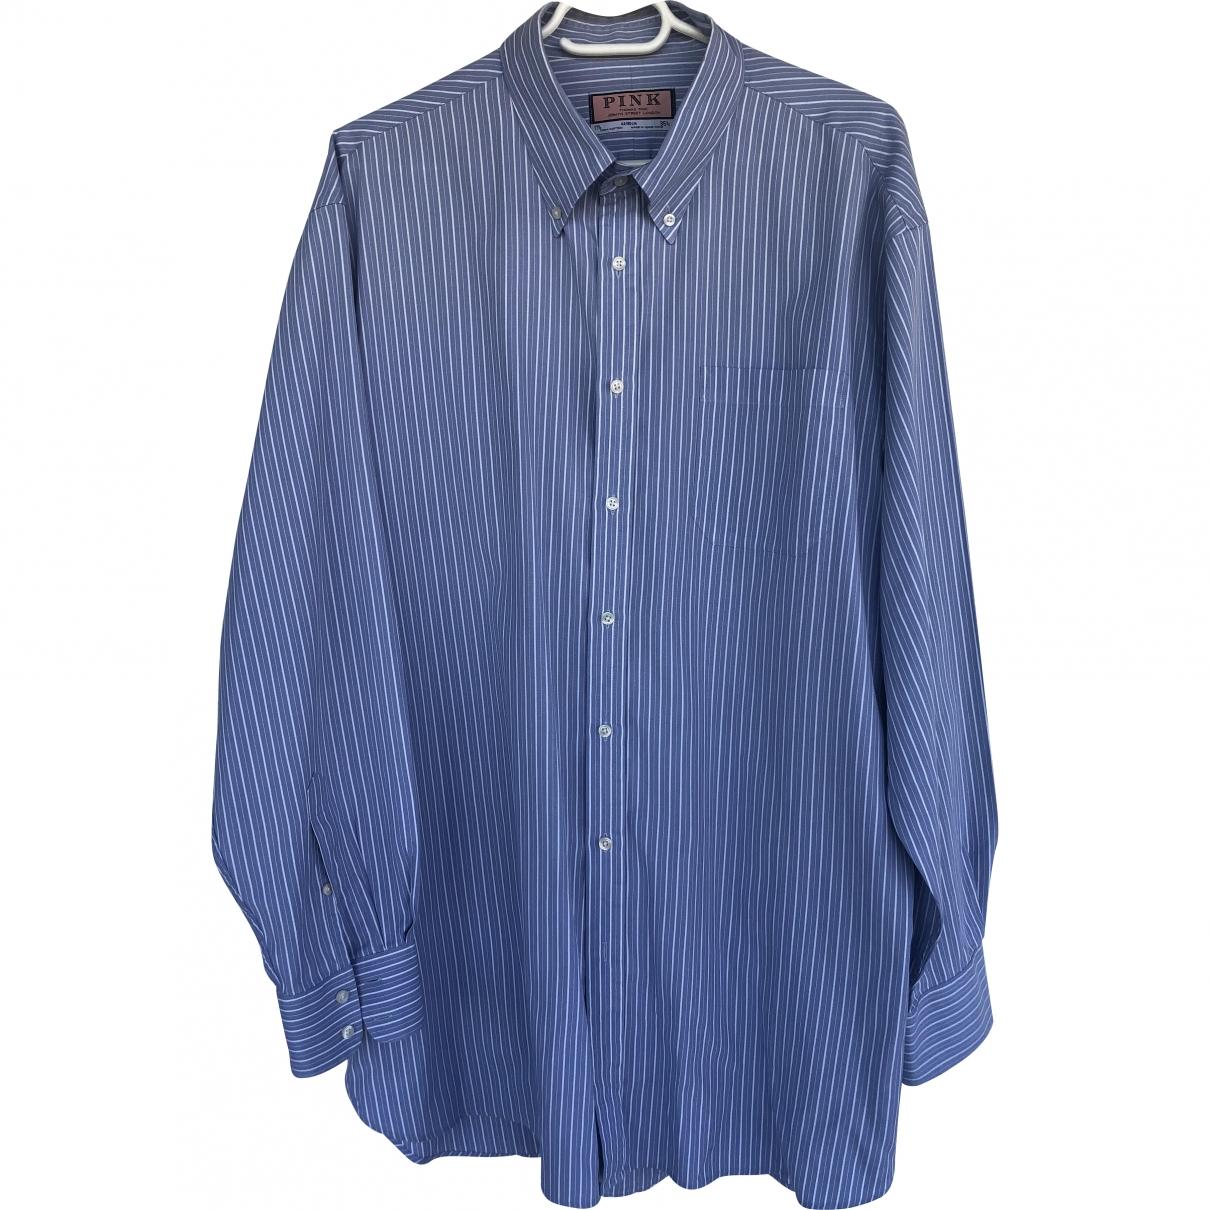 Non Signé / Unsigned \N Blue Cotton Shirts for Men 17.5 UK - US (tour de cou / collar)